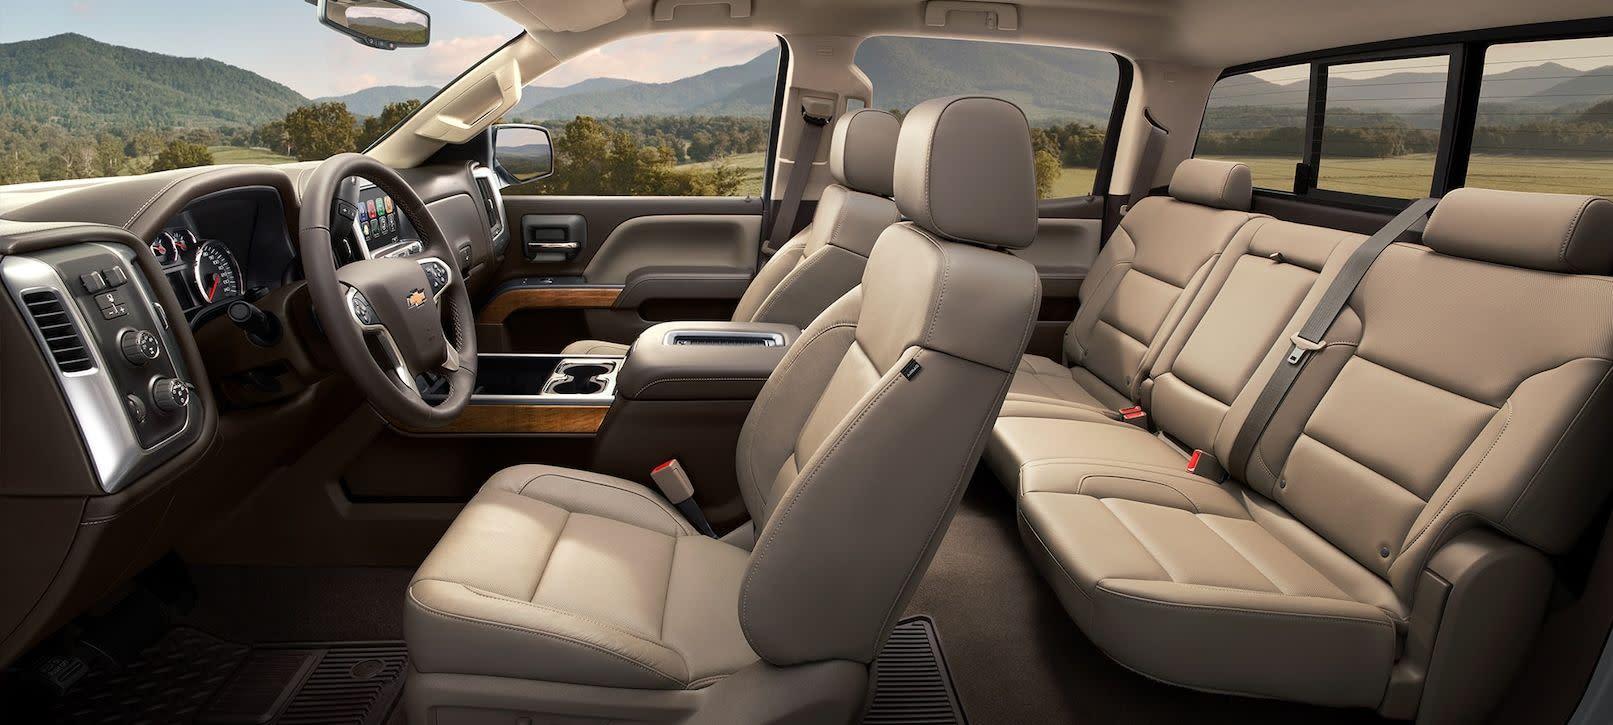 Cozy Seating in the Chevy Silverado